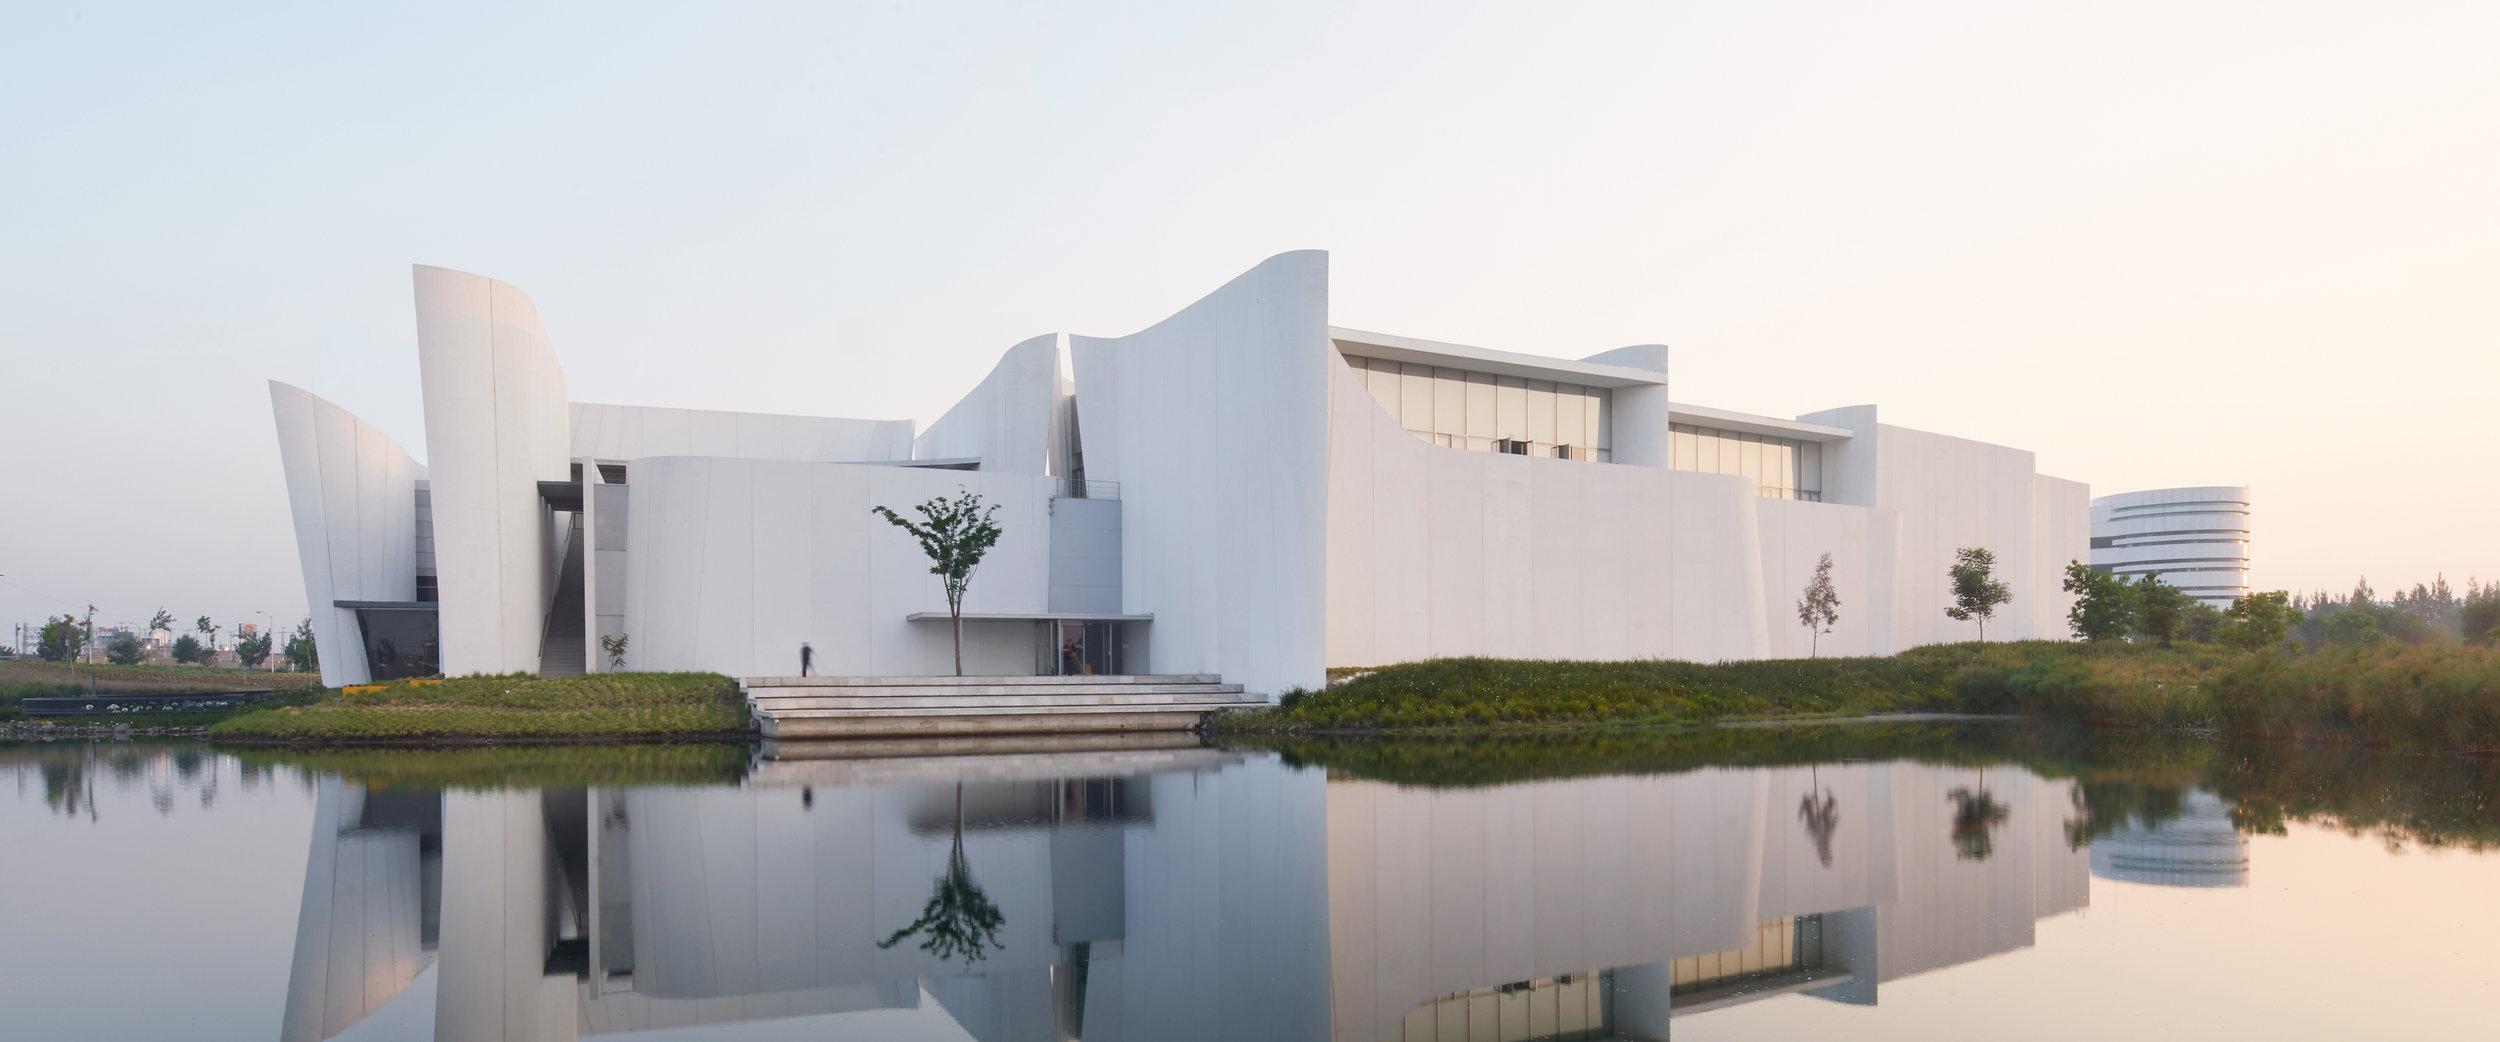 Museo Internacional del Barroco<br><gridTitle>Toyo Ito</gridTitle>